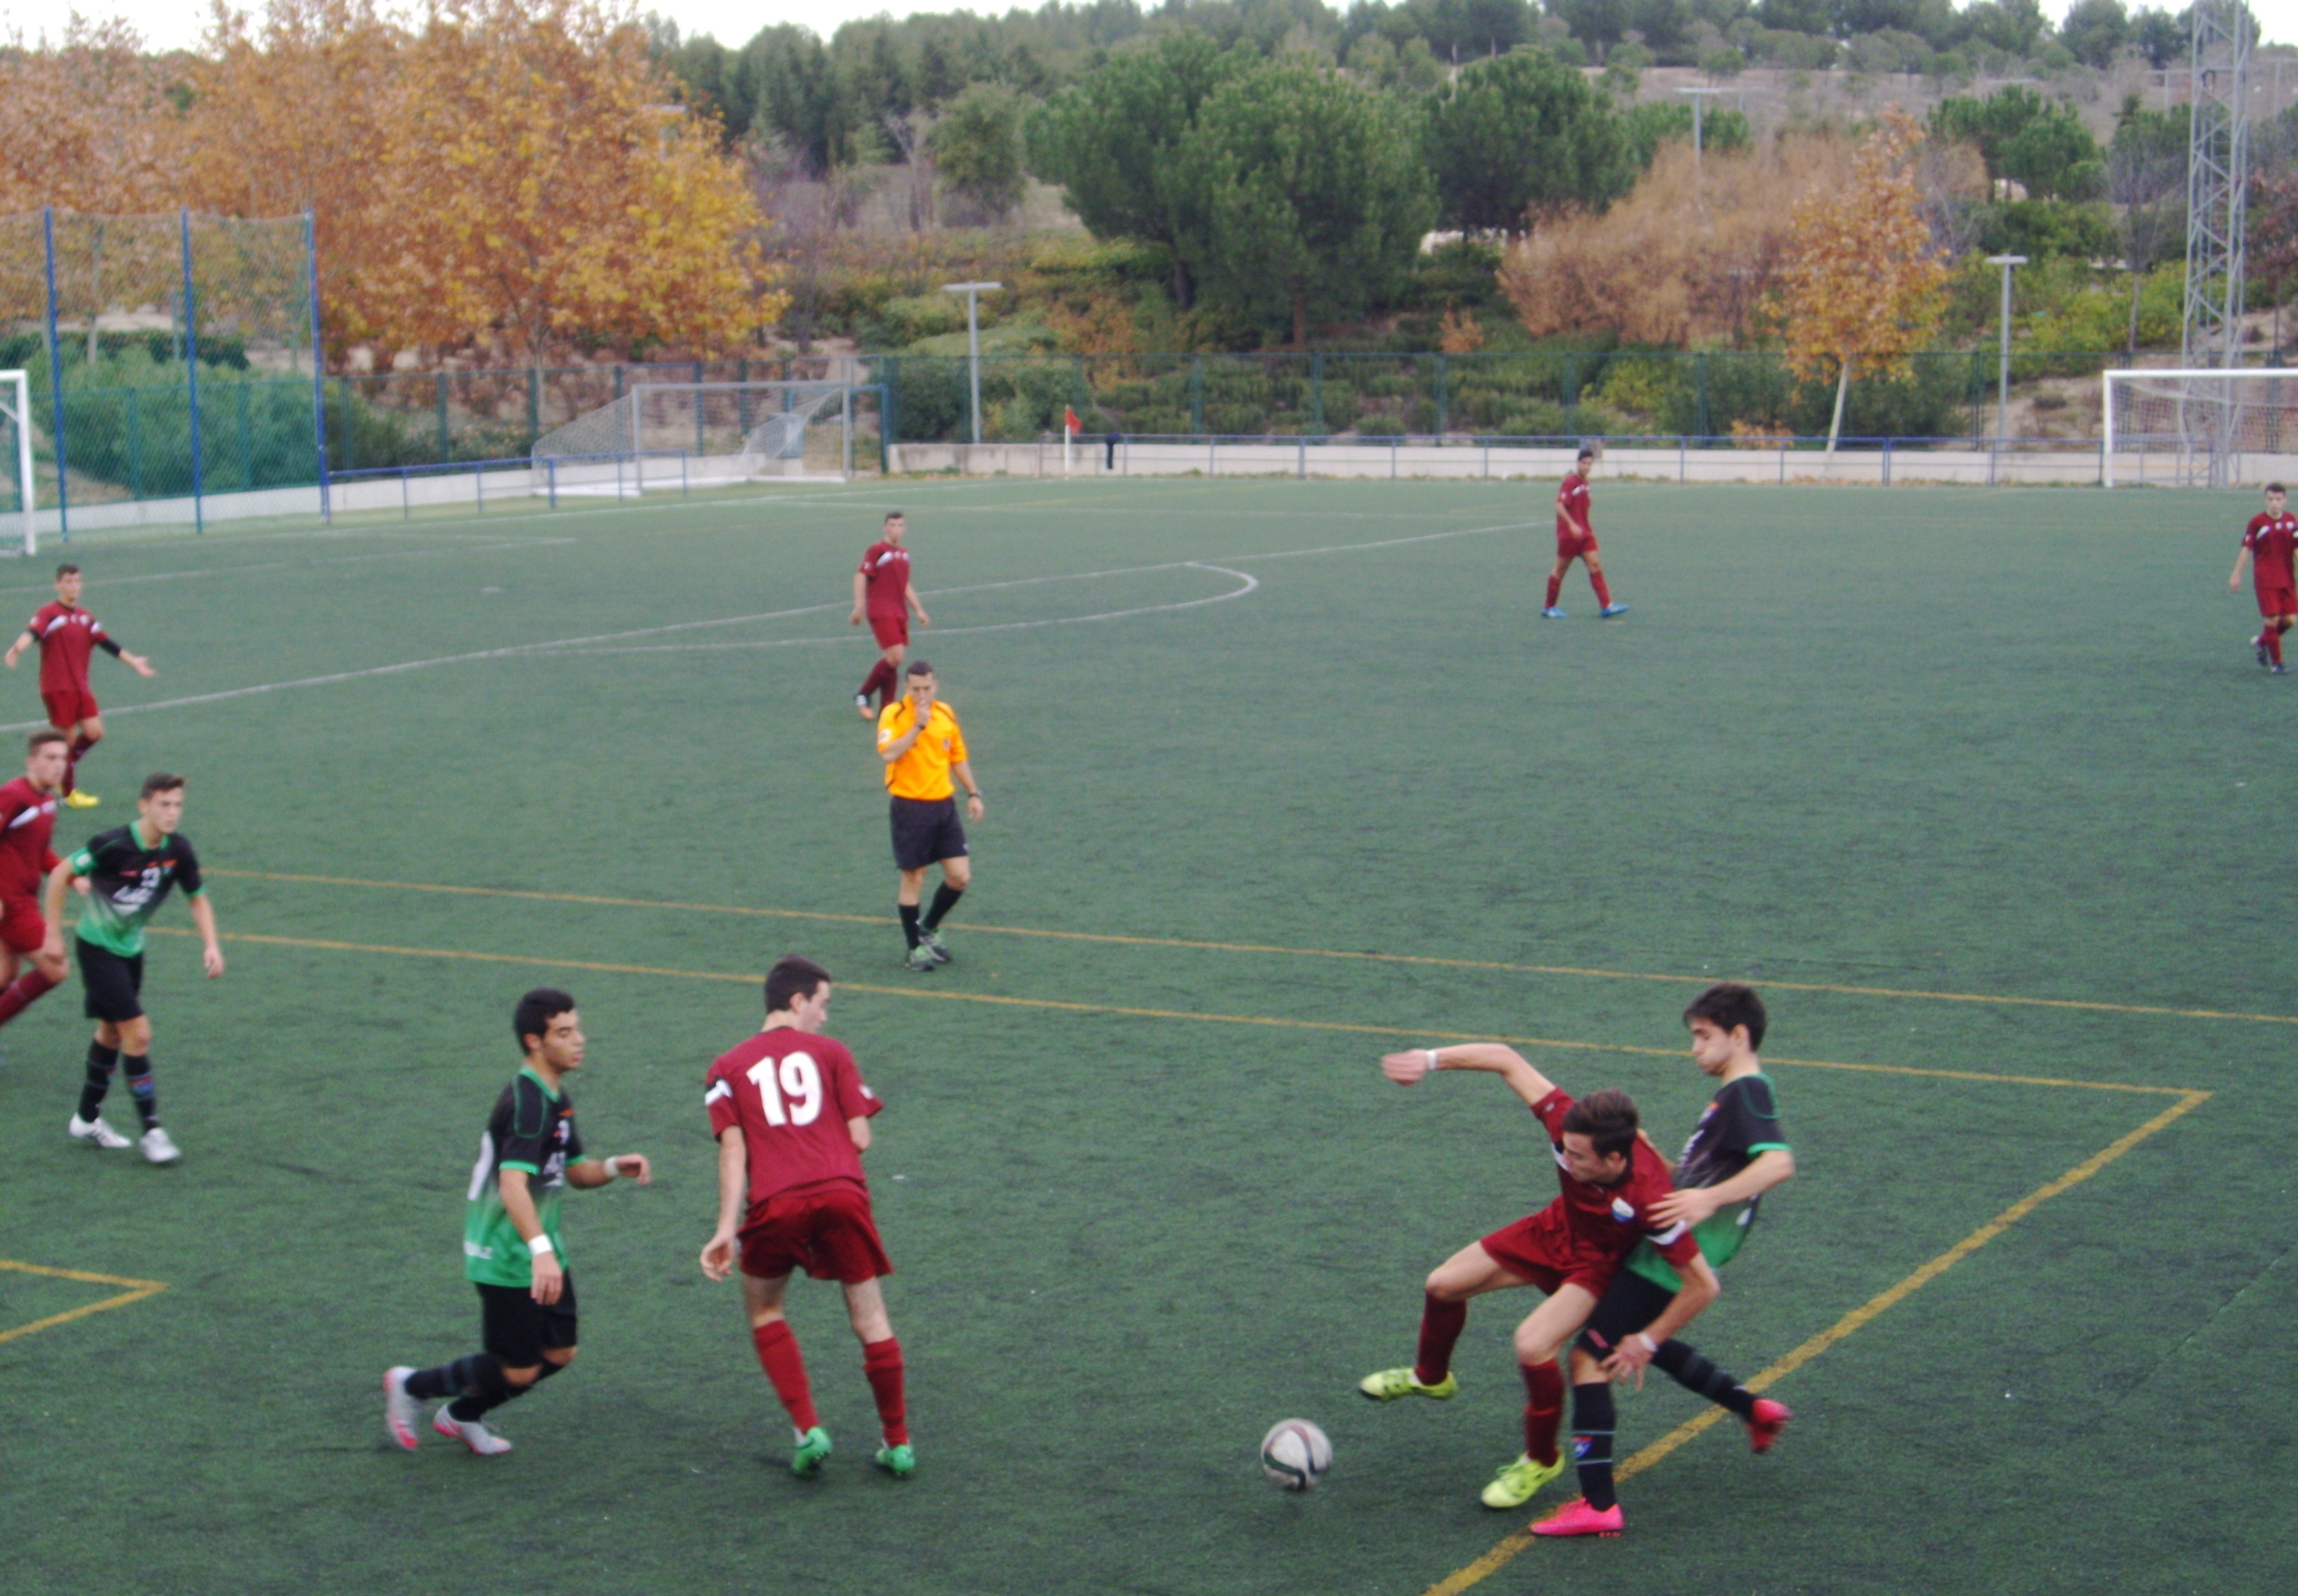 Crónica y fotos del partido de liga EDM Juvenil D 3 – 1 Parque Sureste